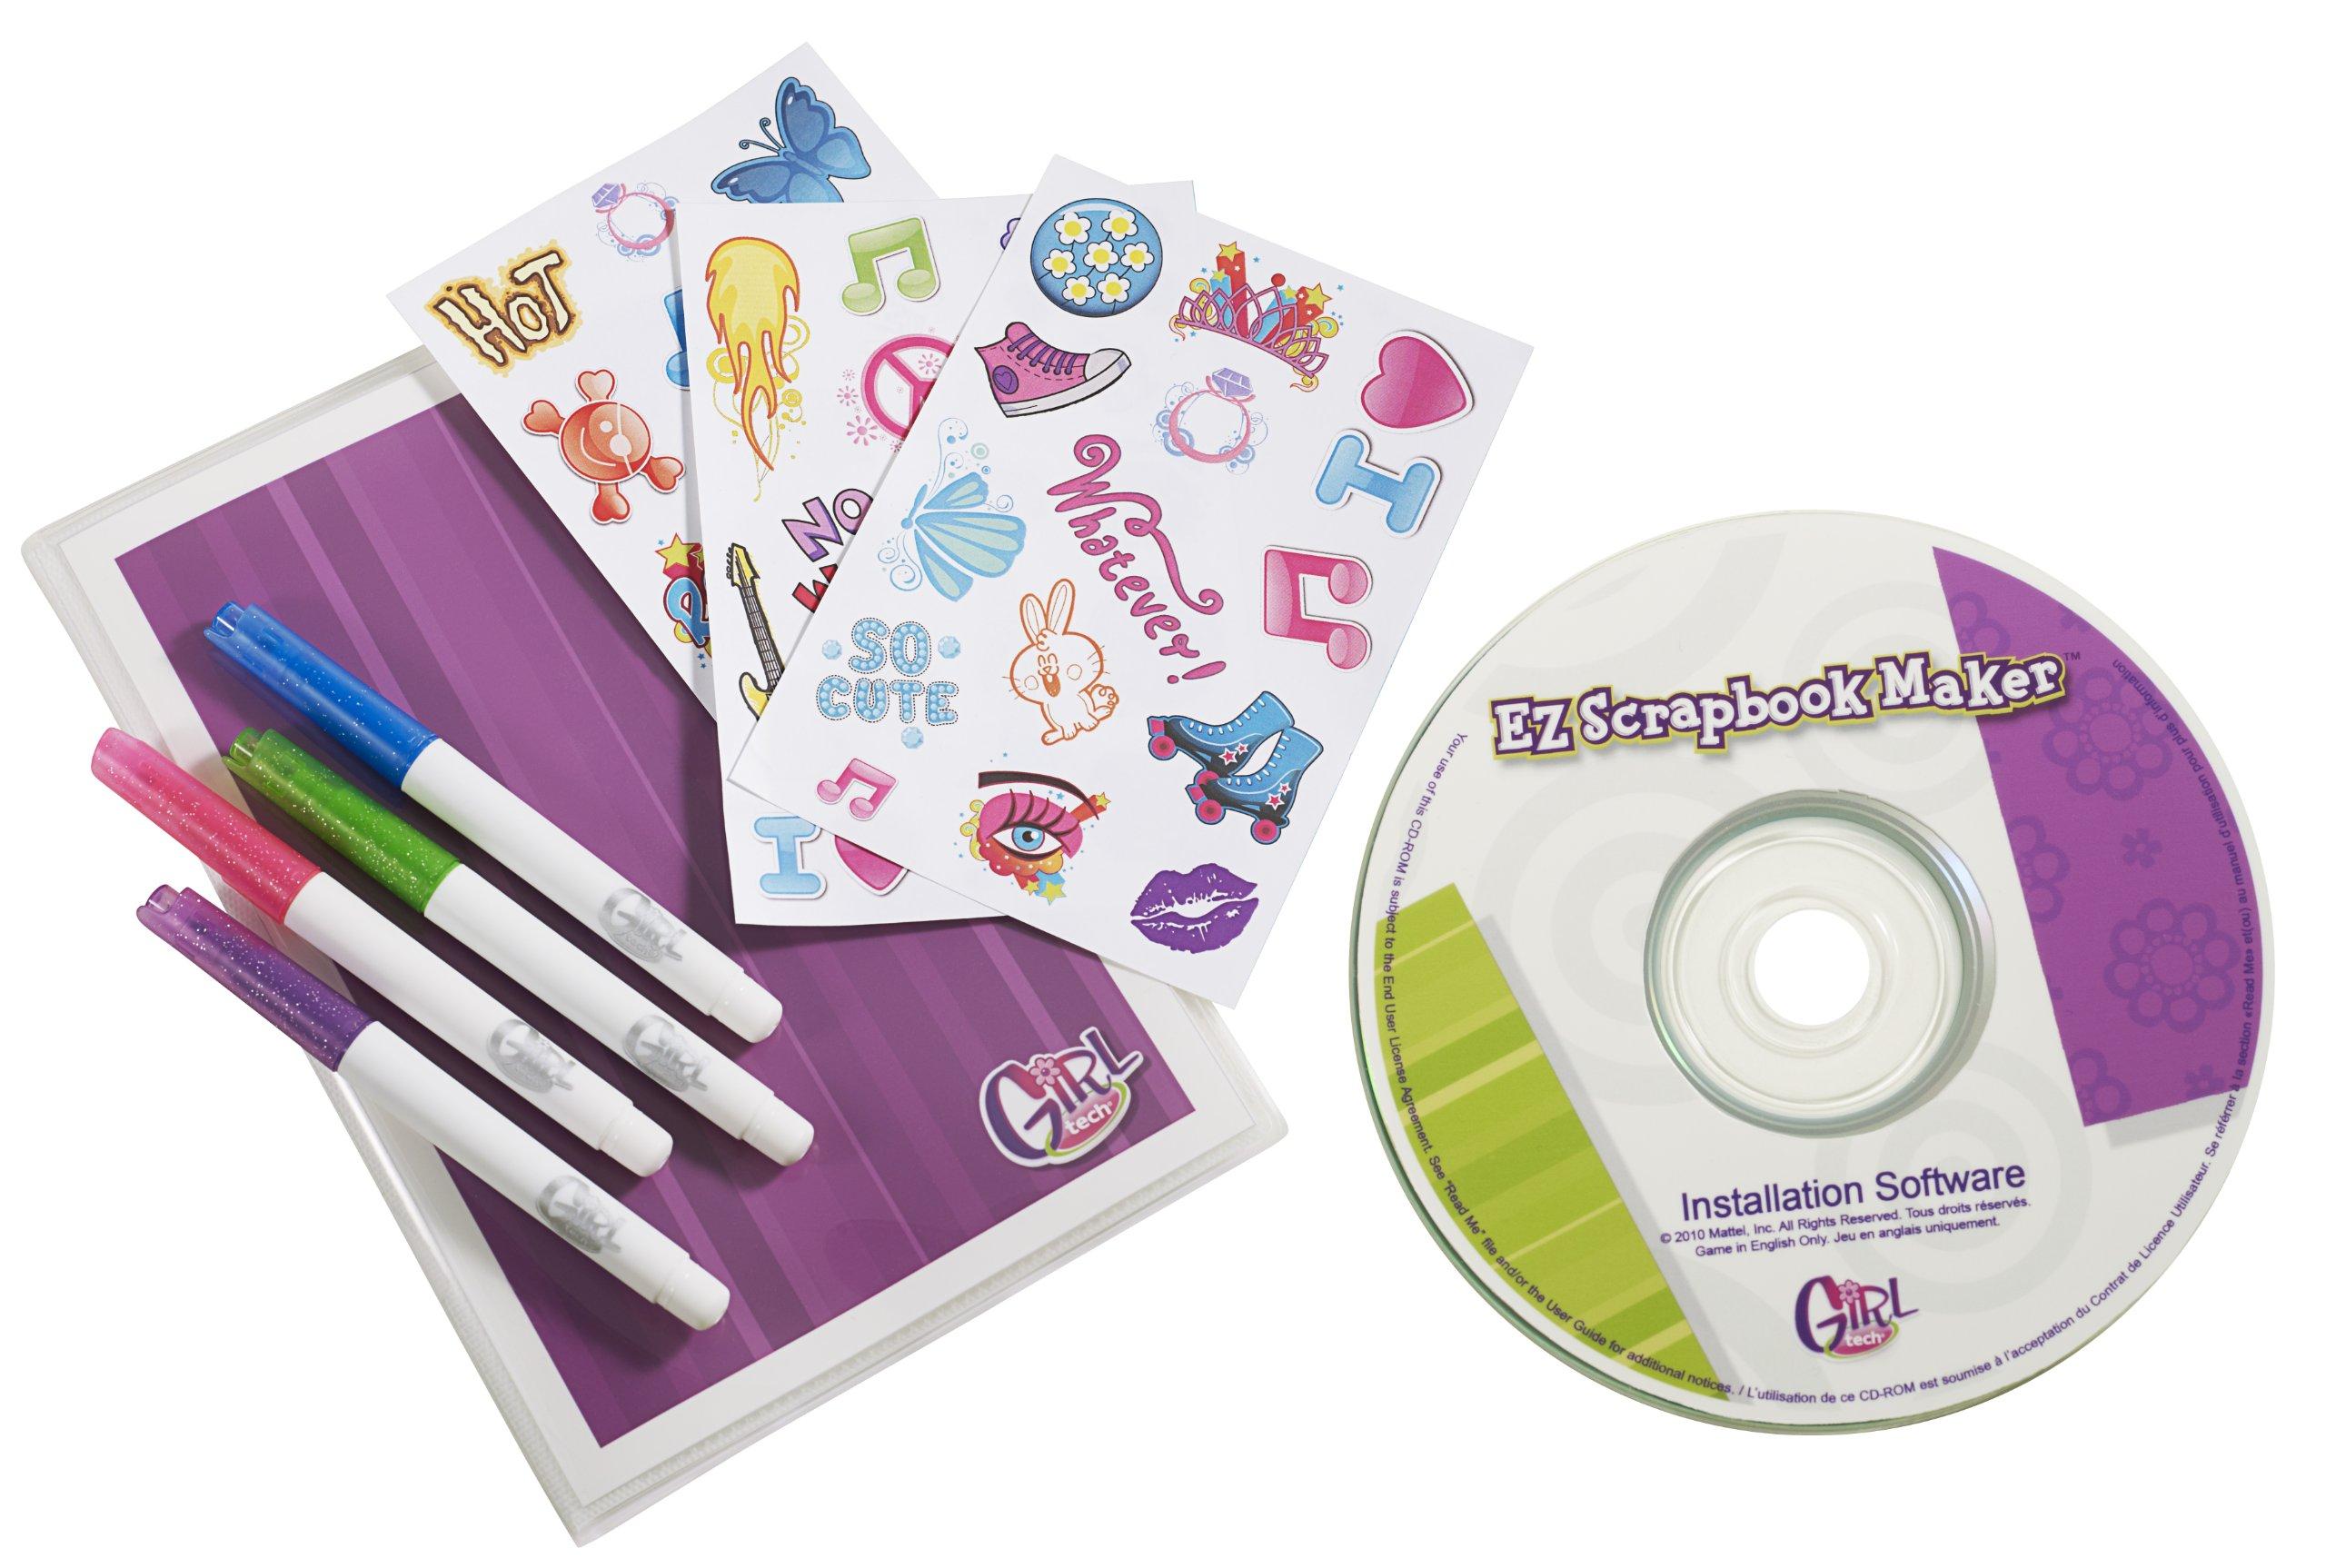 Girl Tech EZ Scrapbook Maker